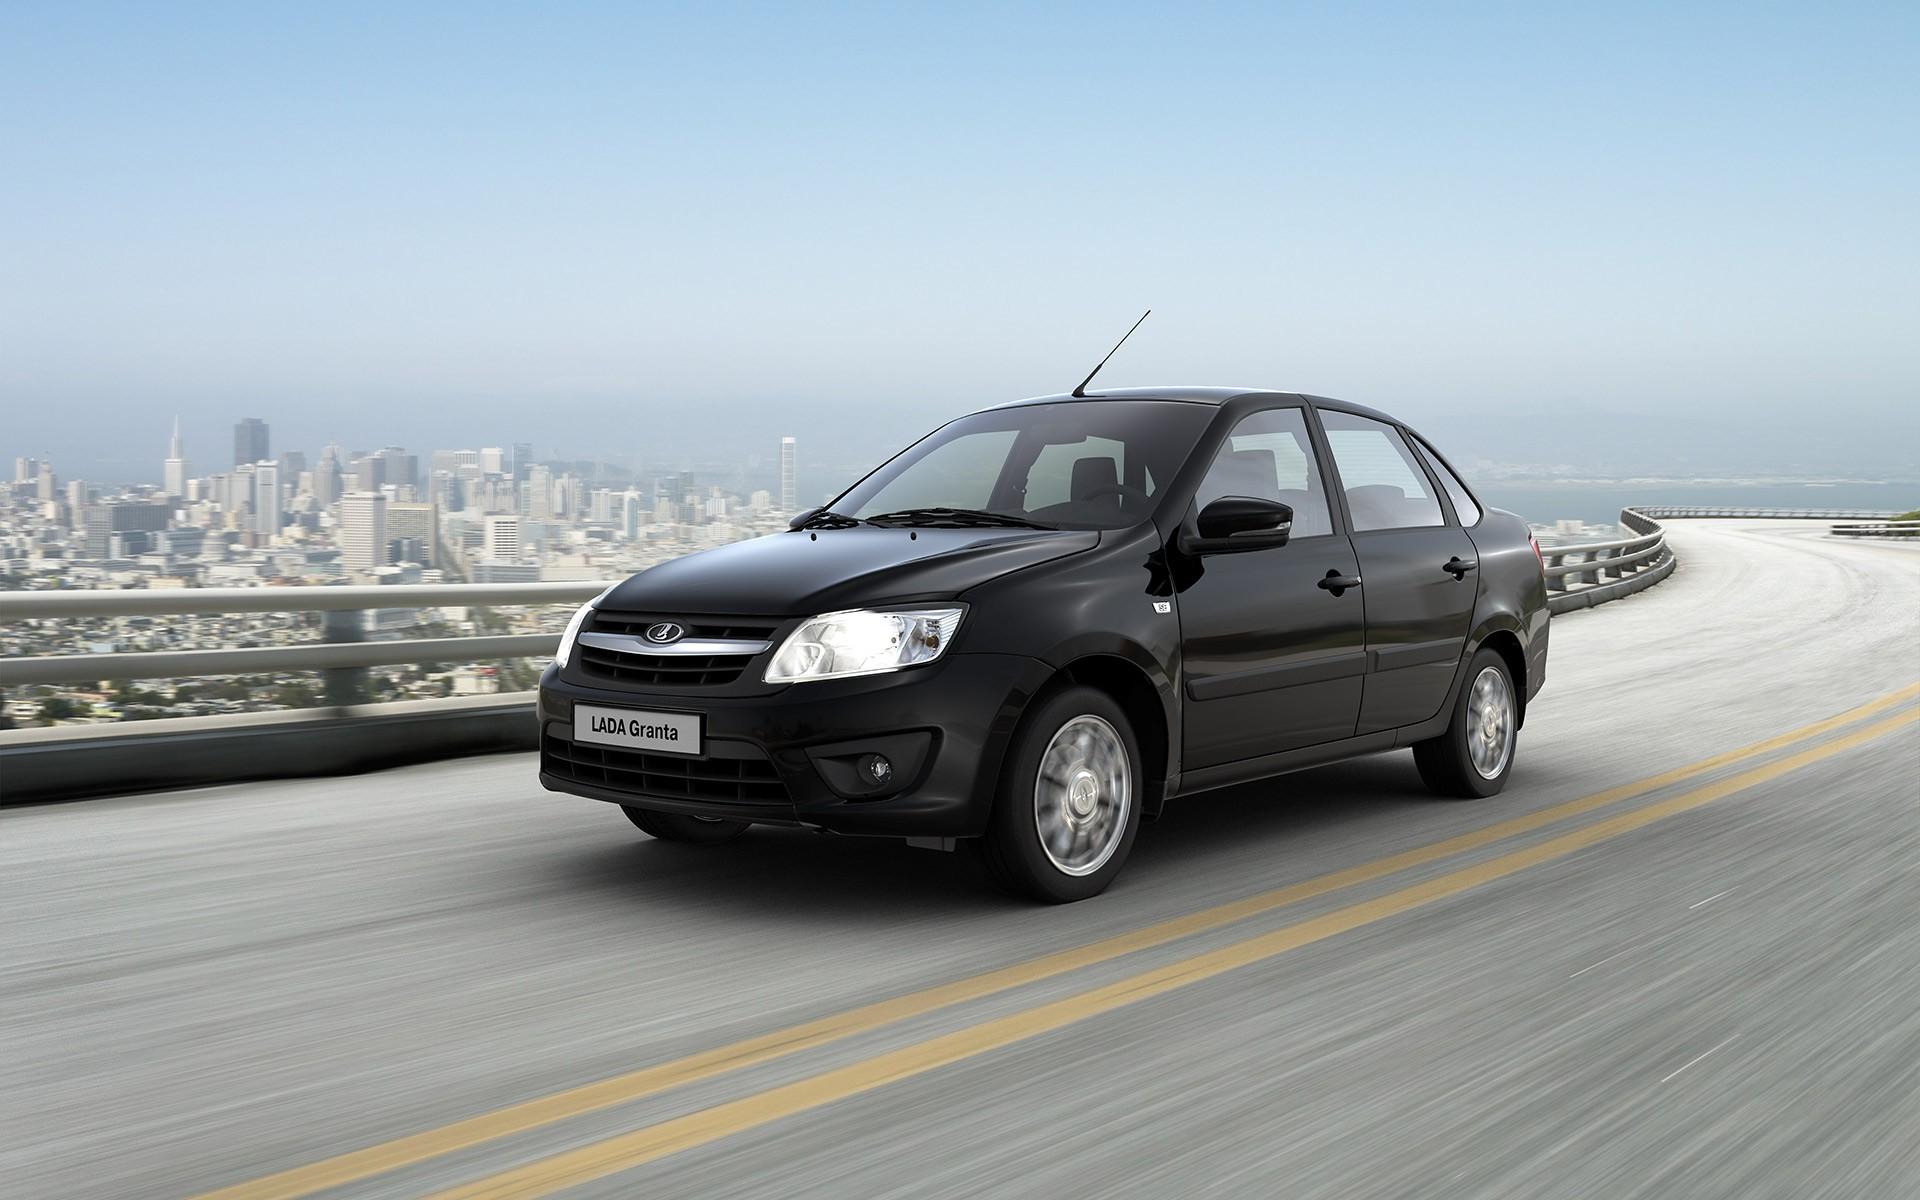 Специалисты назвали топ-10 самых реализуемых машин в Российской Федерации